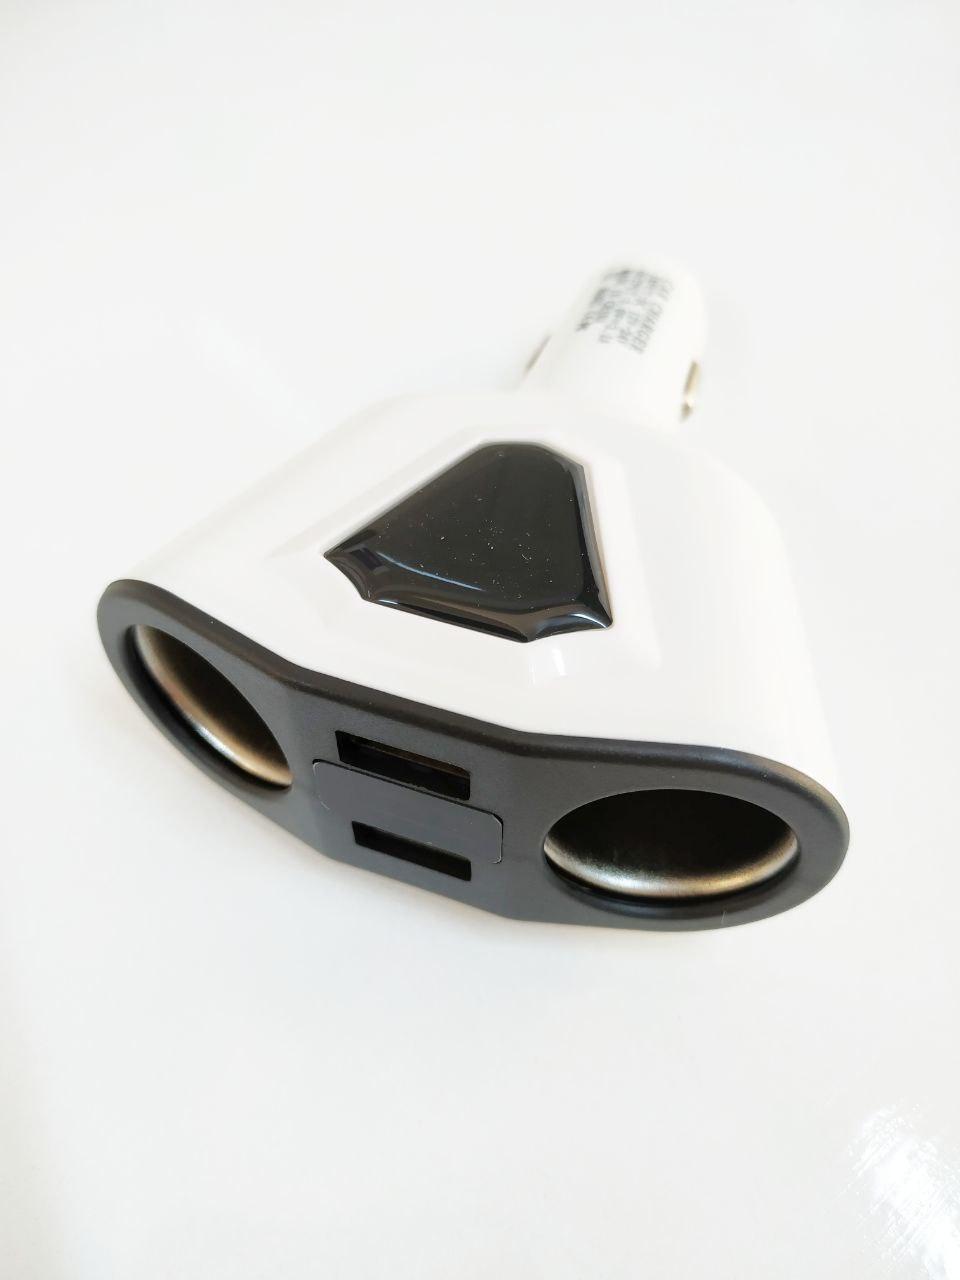 Araç İçi Şarj Cihazı Çakmaklık Çoğaltıcı USB Girişli